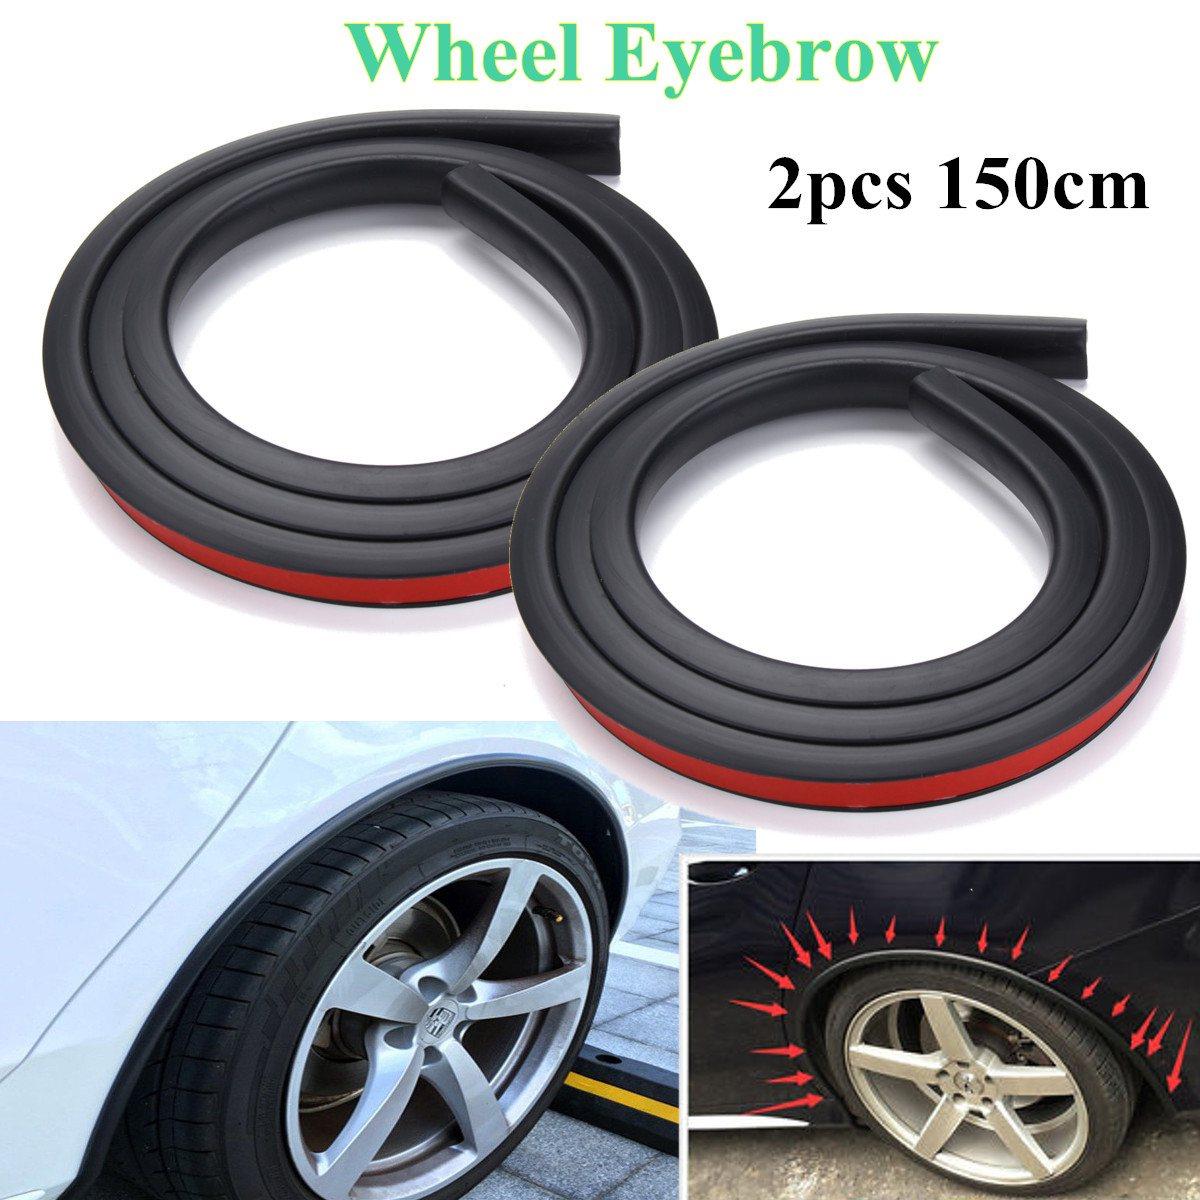 Novo quente 2 pces 150cm carro-fender alargamento extensão roda sobrancelha tira protetor arco guarnição universal